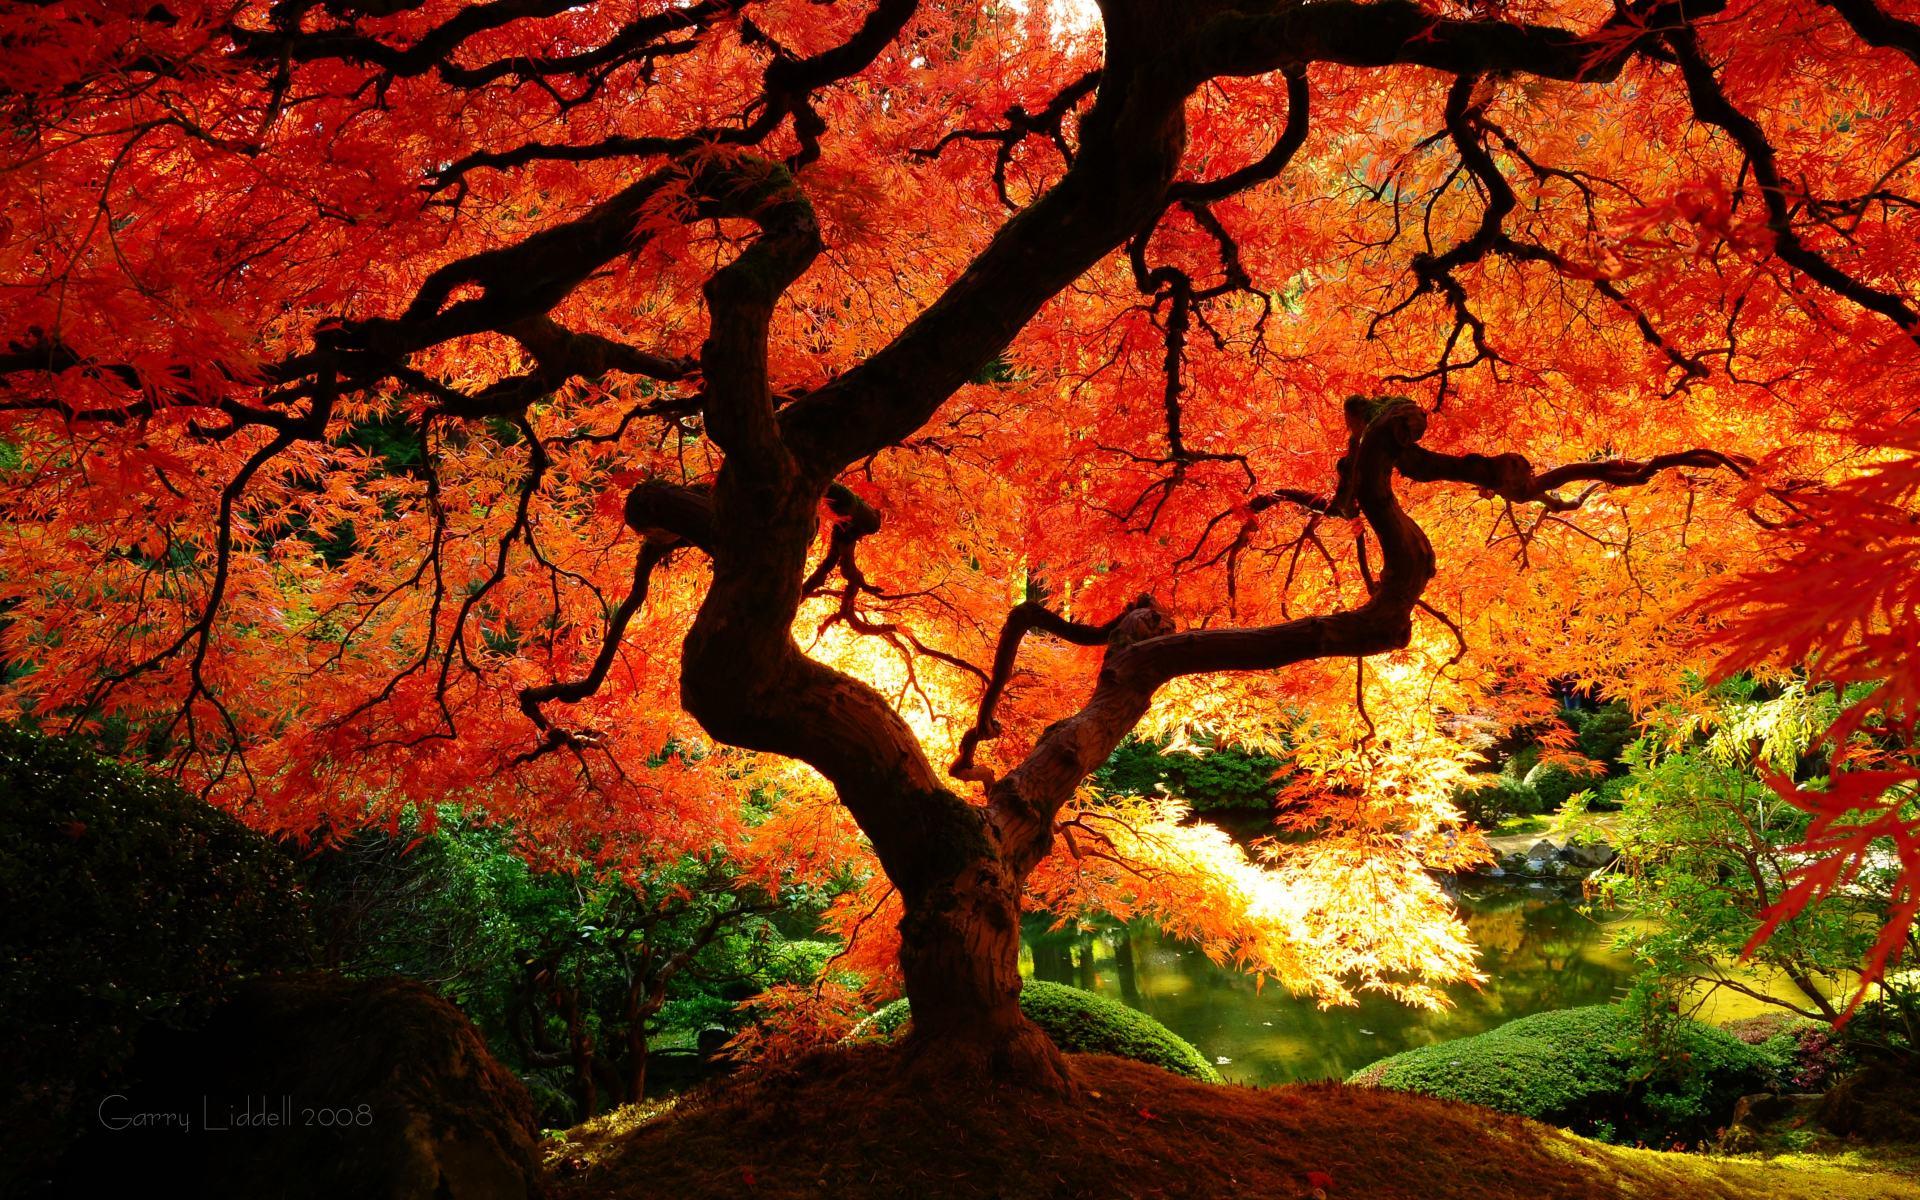 Fall Colors Desktop Wallpaper - WallpaperSafari